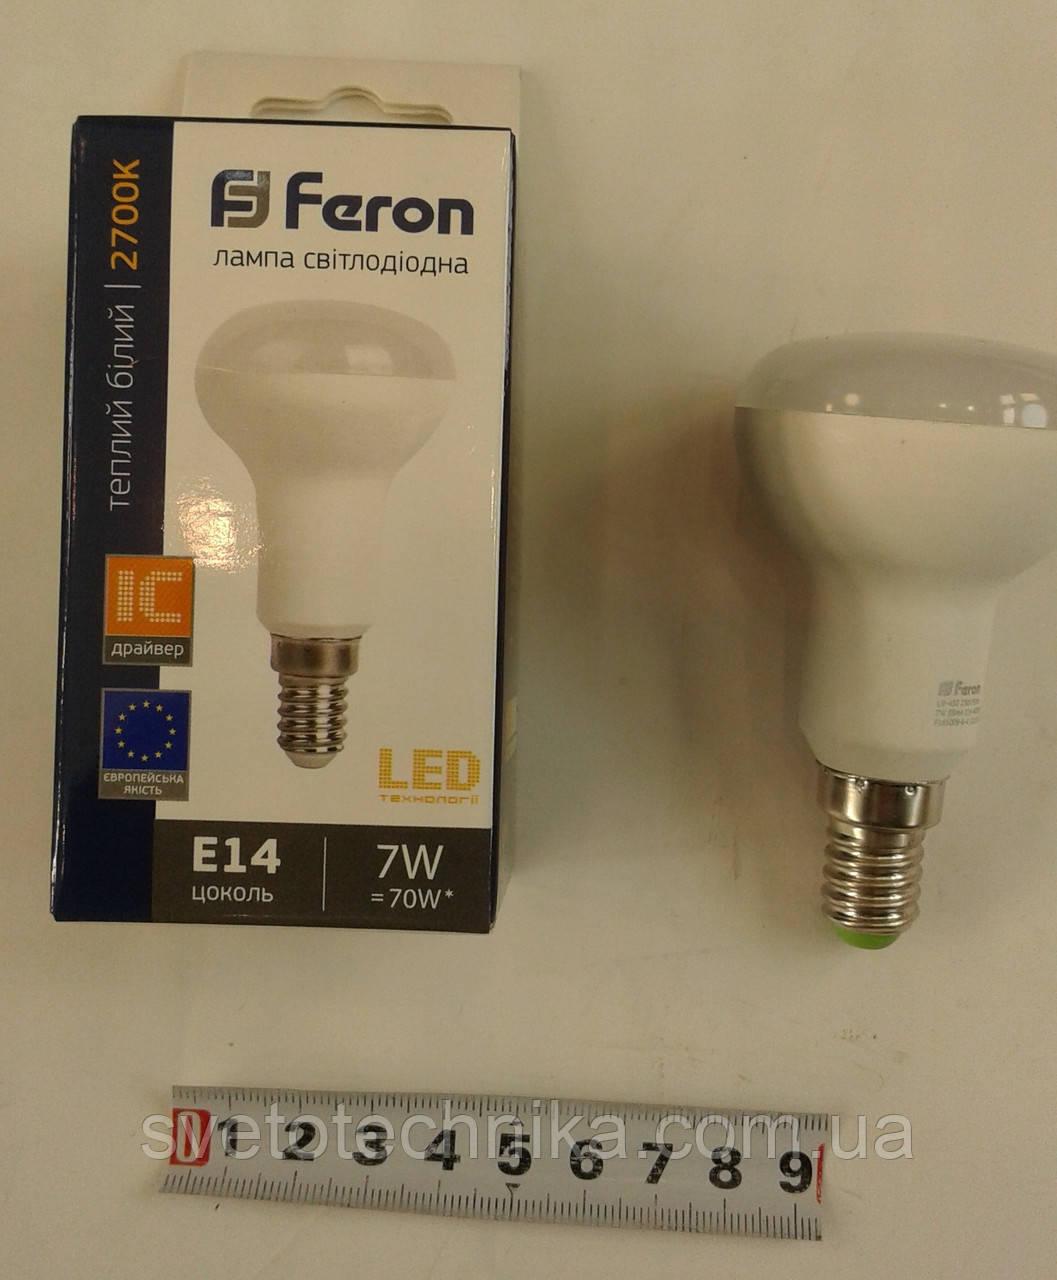 Светодиодная лампа Feron LB450 R50 7W E142700К